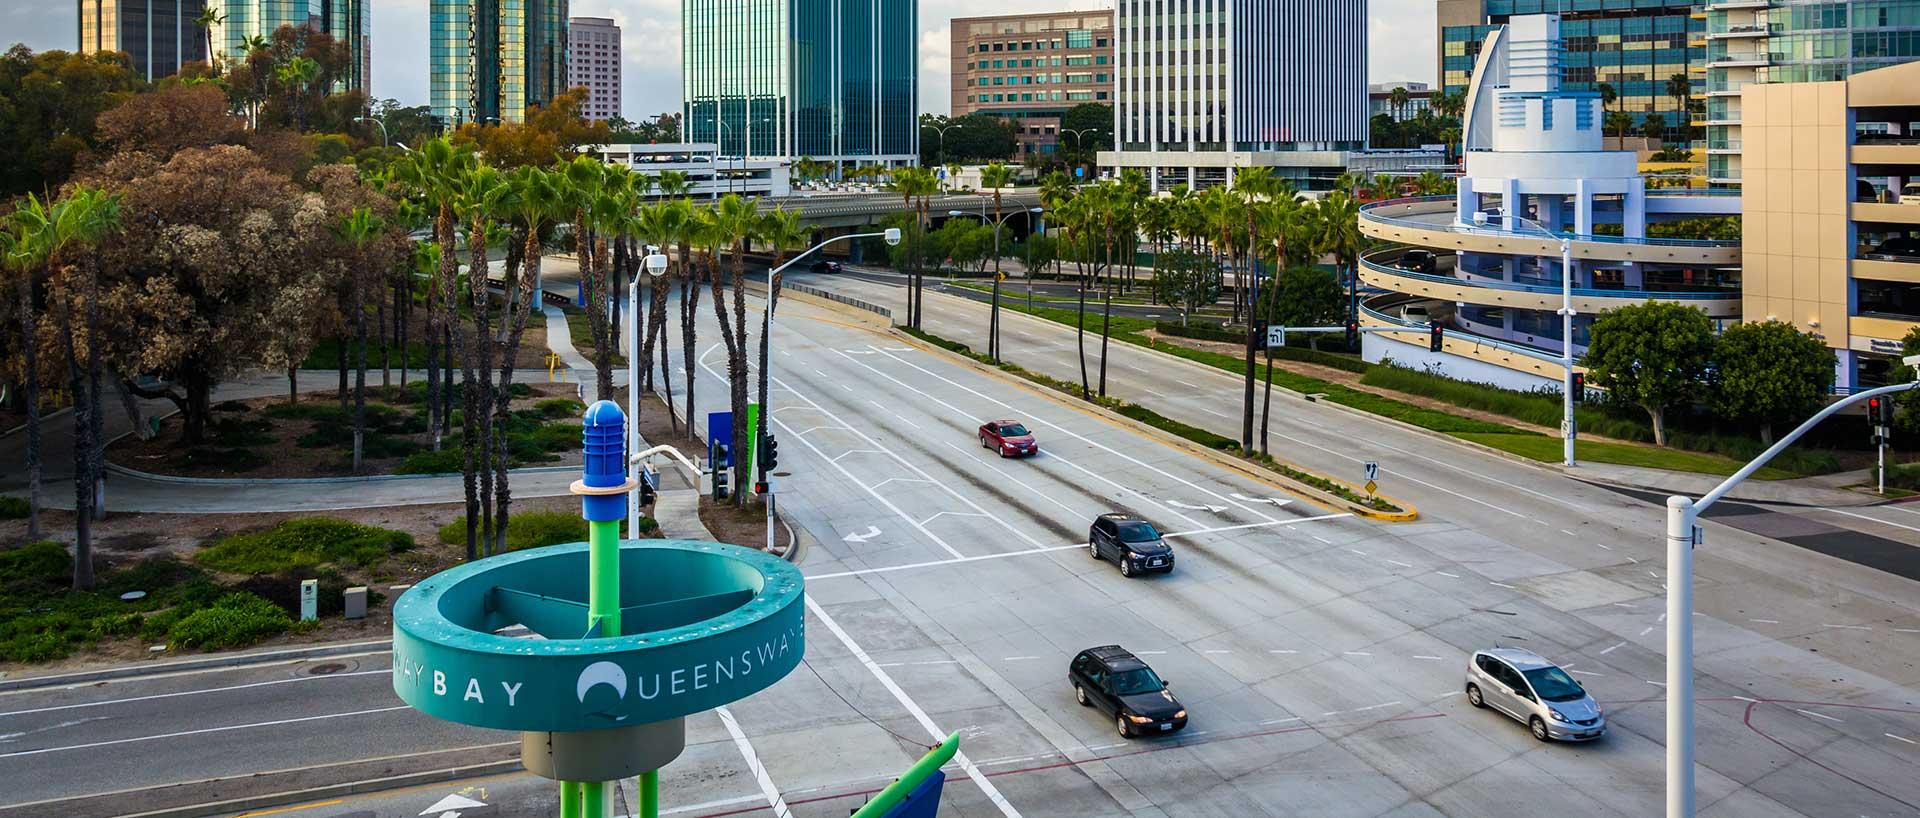 Auto Insurance in Signal Hill CA, Downey CA, La Palma CA